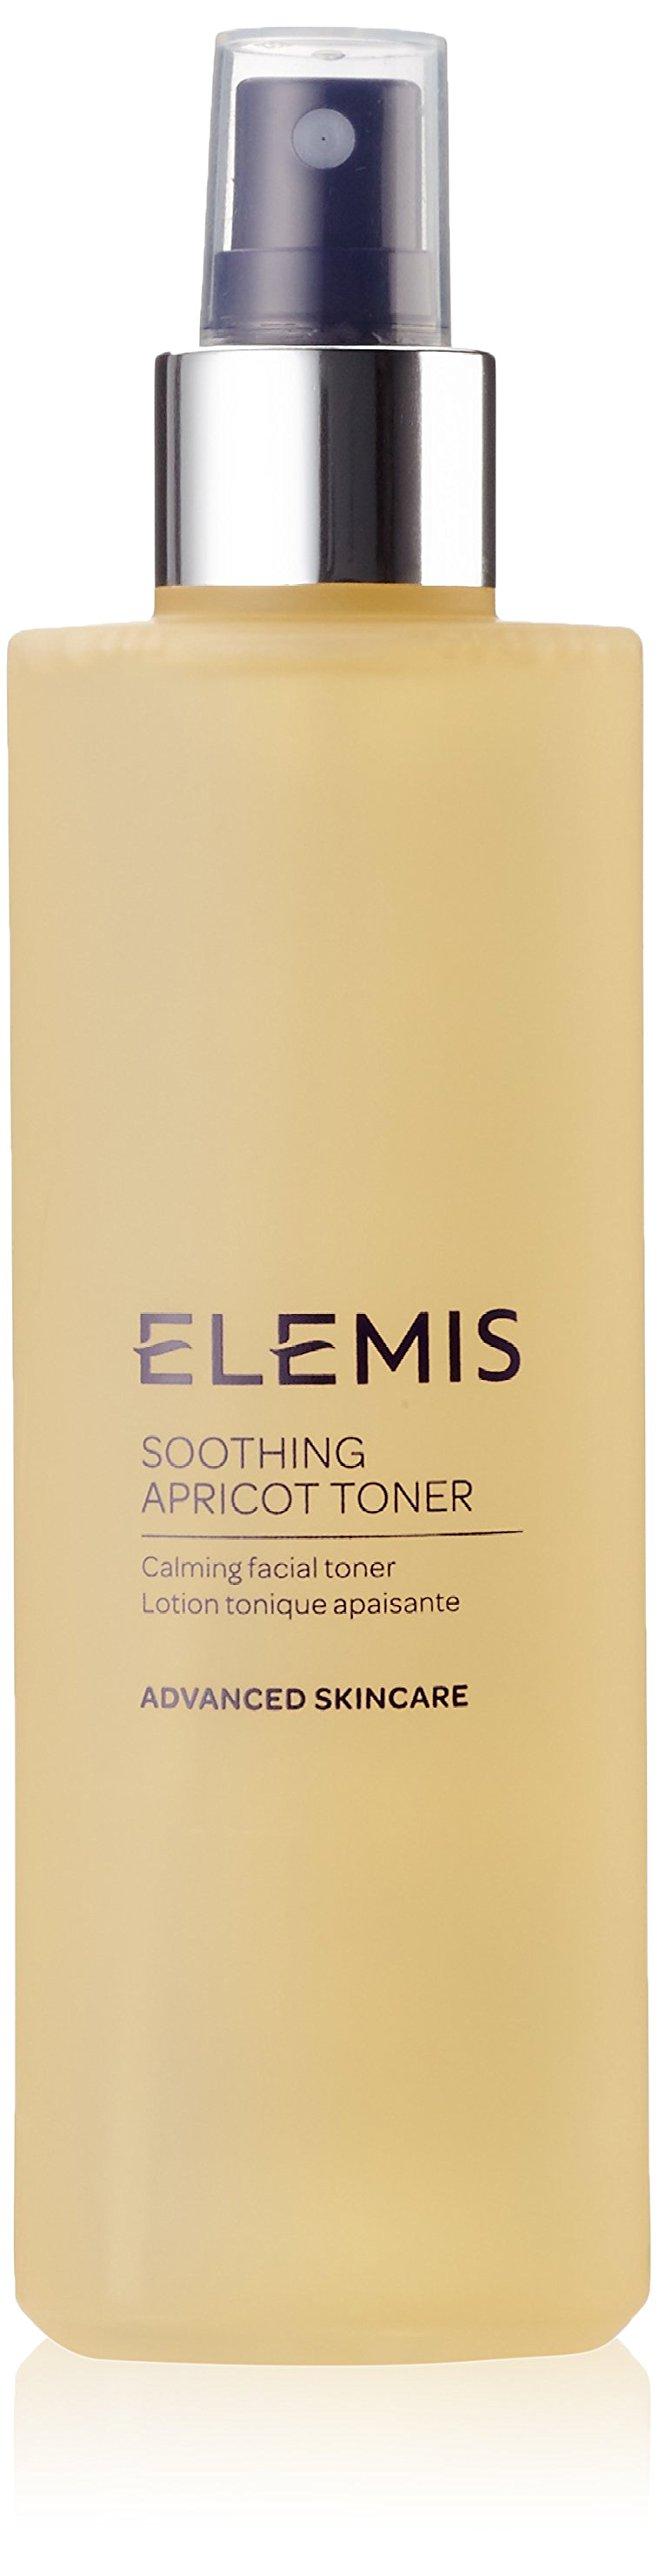 ELEMIS Soothing Apricot Toner, Calming Facial Toner, 6.7 fl.oz.